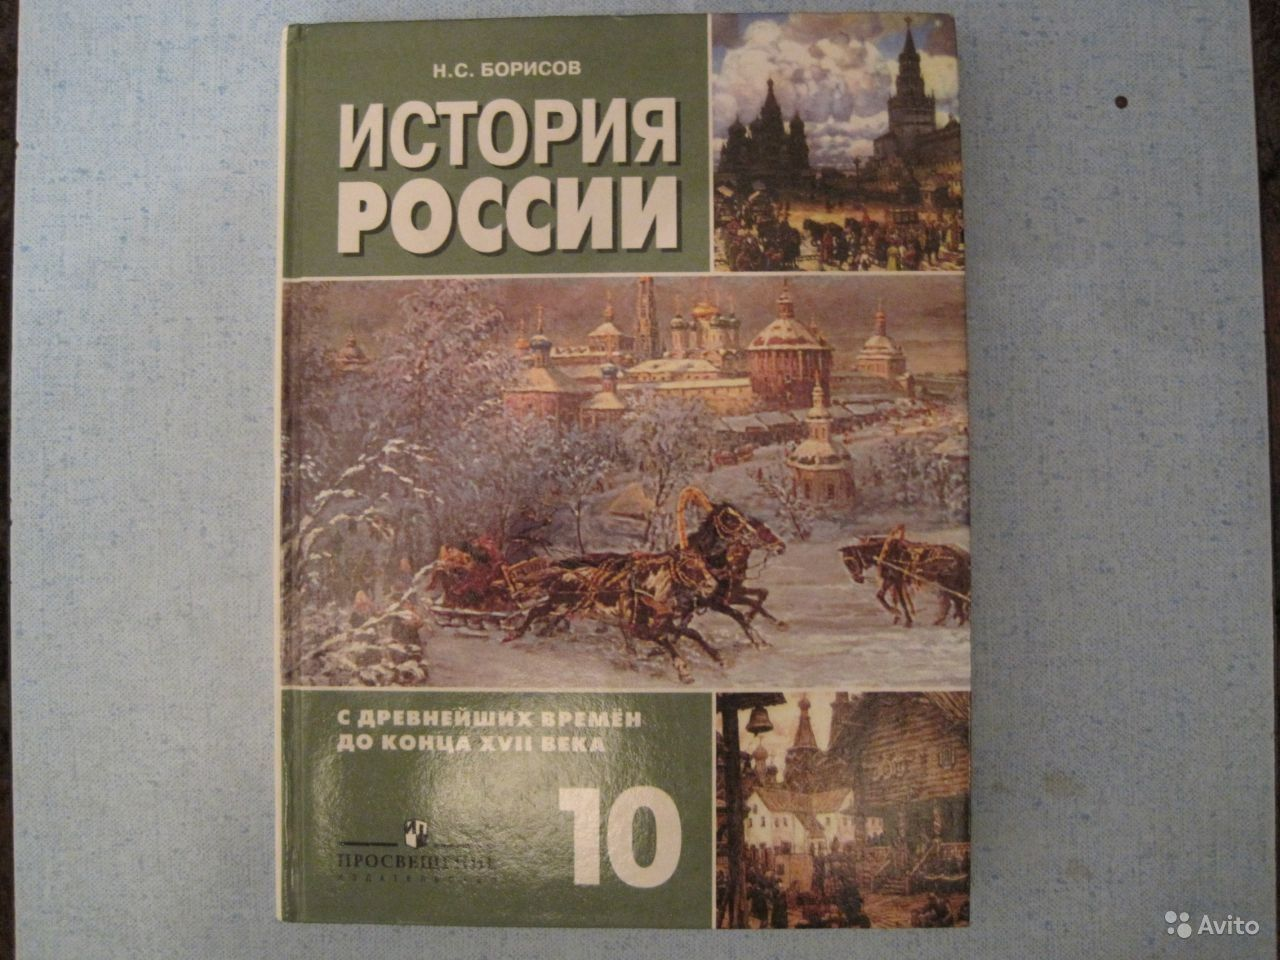 Решебник история россии 10 класс борисов